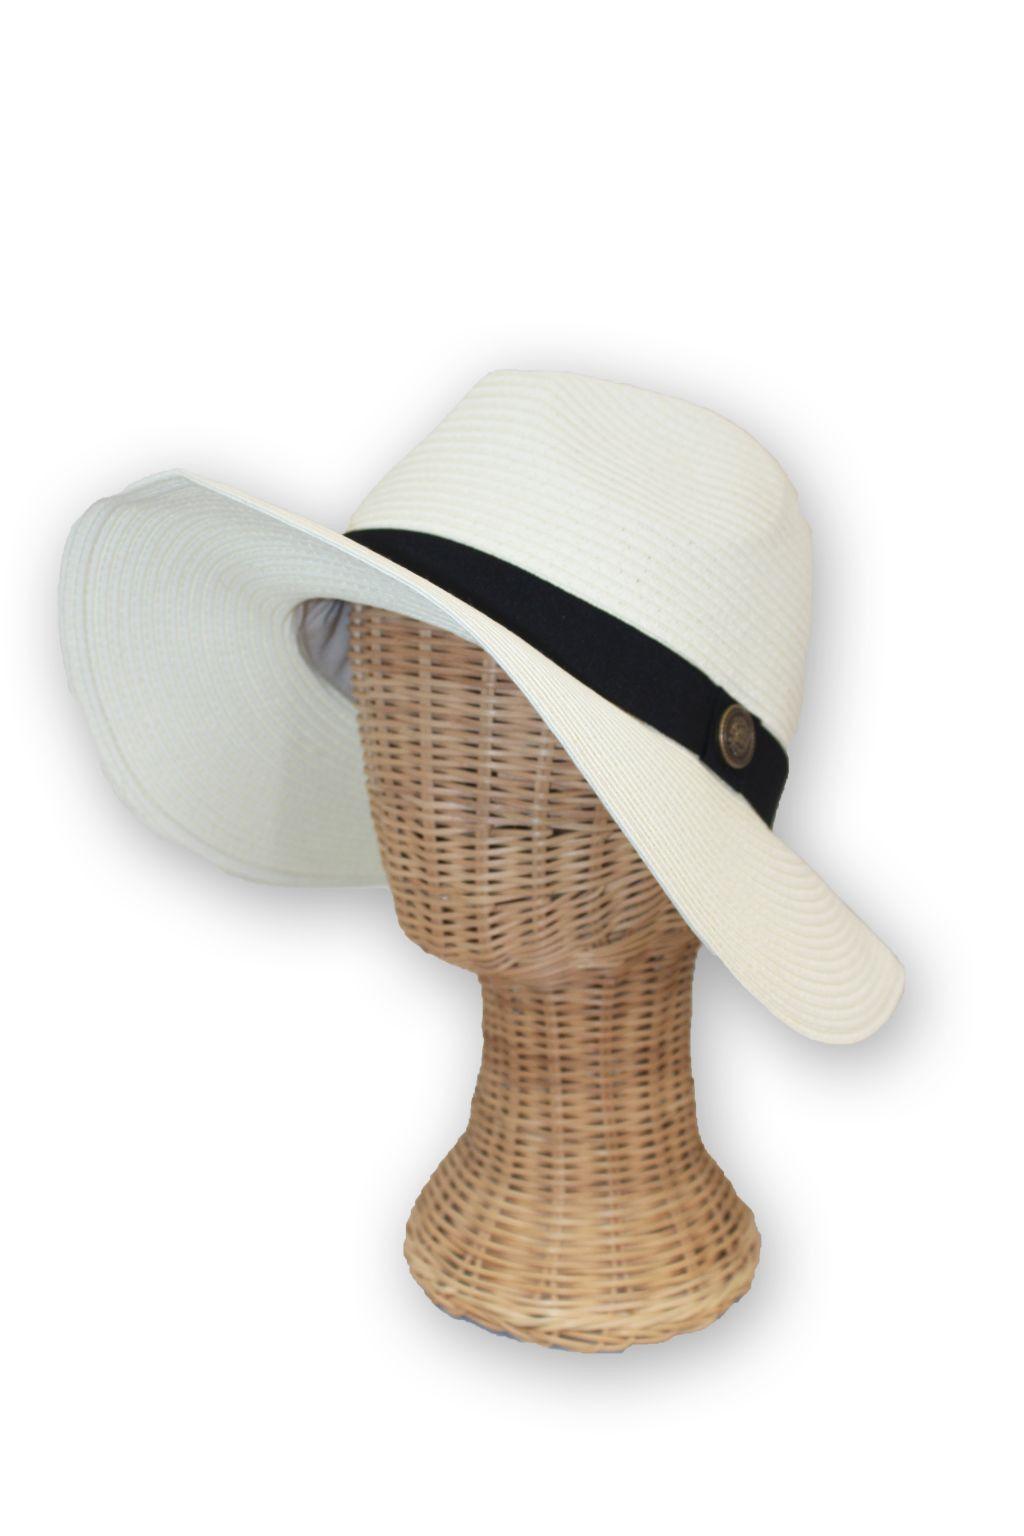 a7d31b8dd69 Floppy Havana Hat